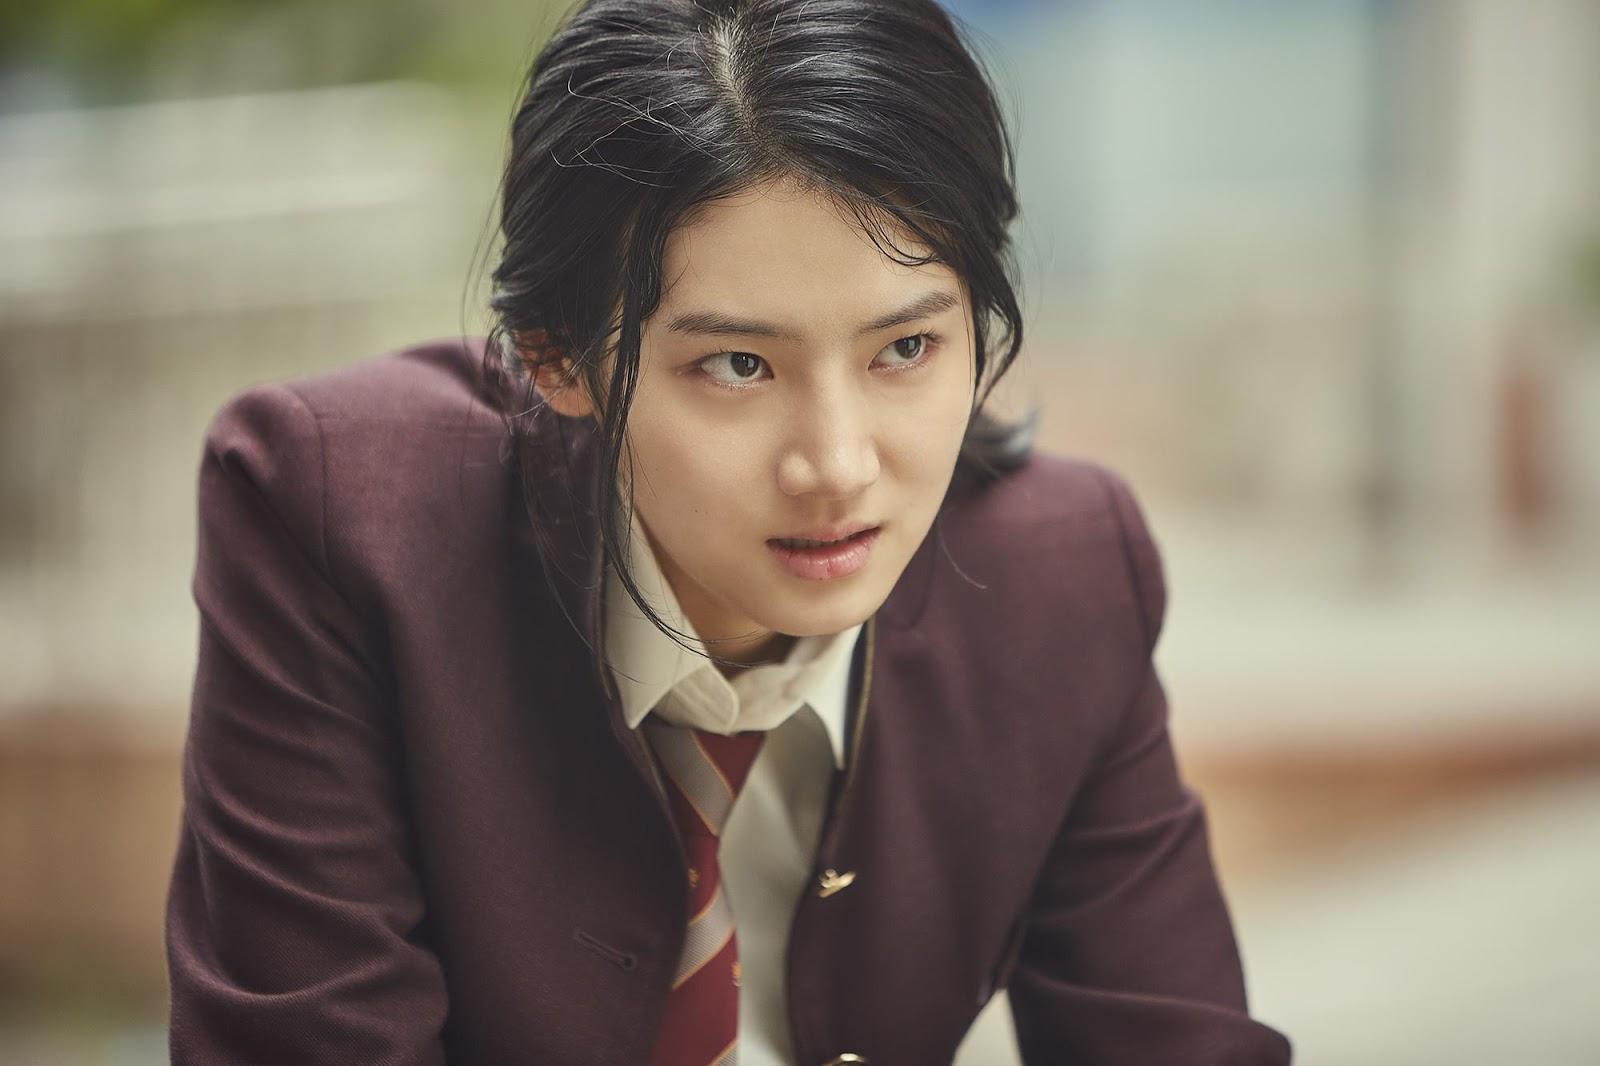 รีวิวซีรีส์เกาหลี Extracurricular ชมรมลับ ธุรกิจรัก ดาร์คไซด์ของวัยรุ่น